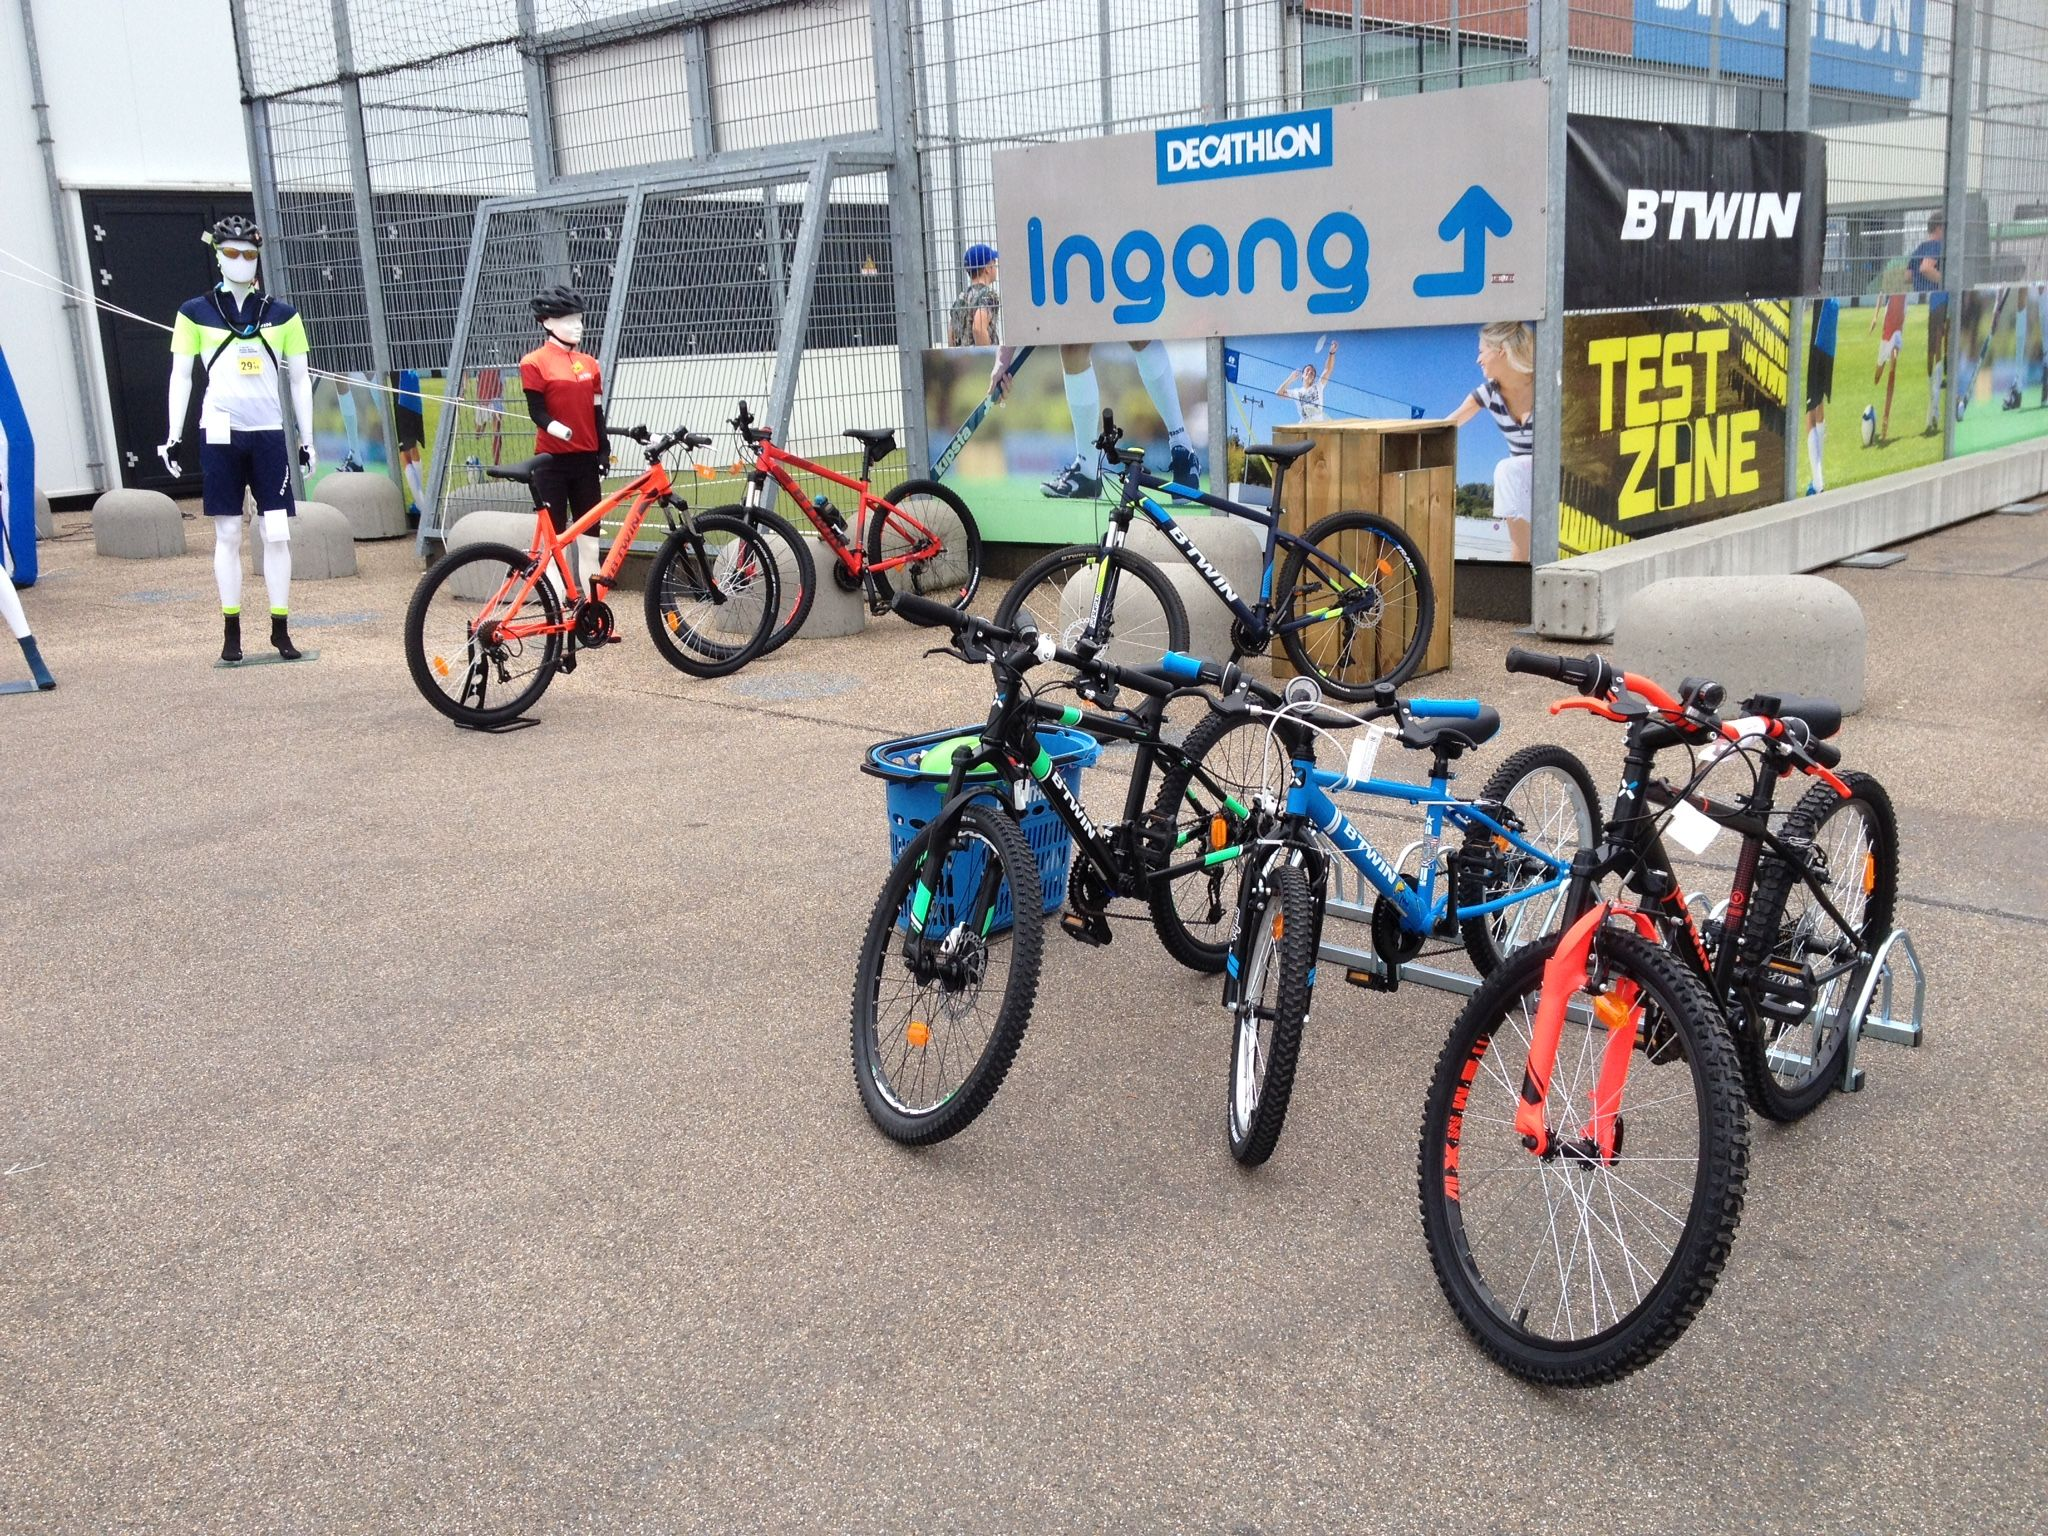 fietsevenement Decathlon Best